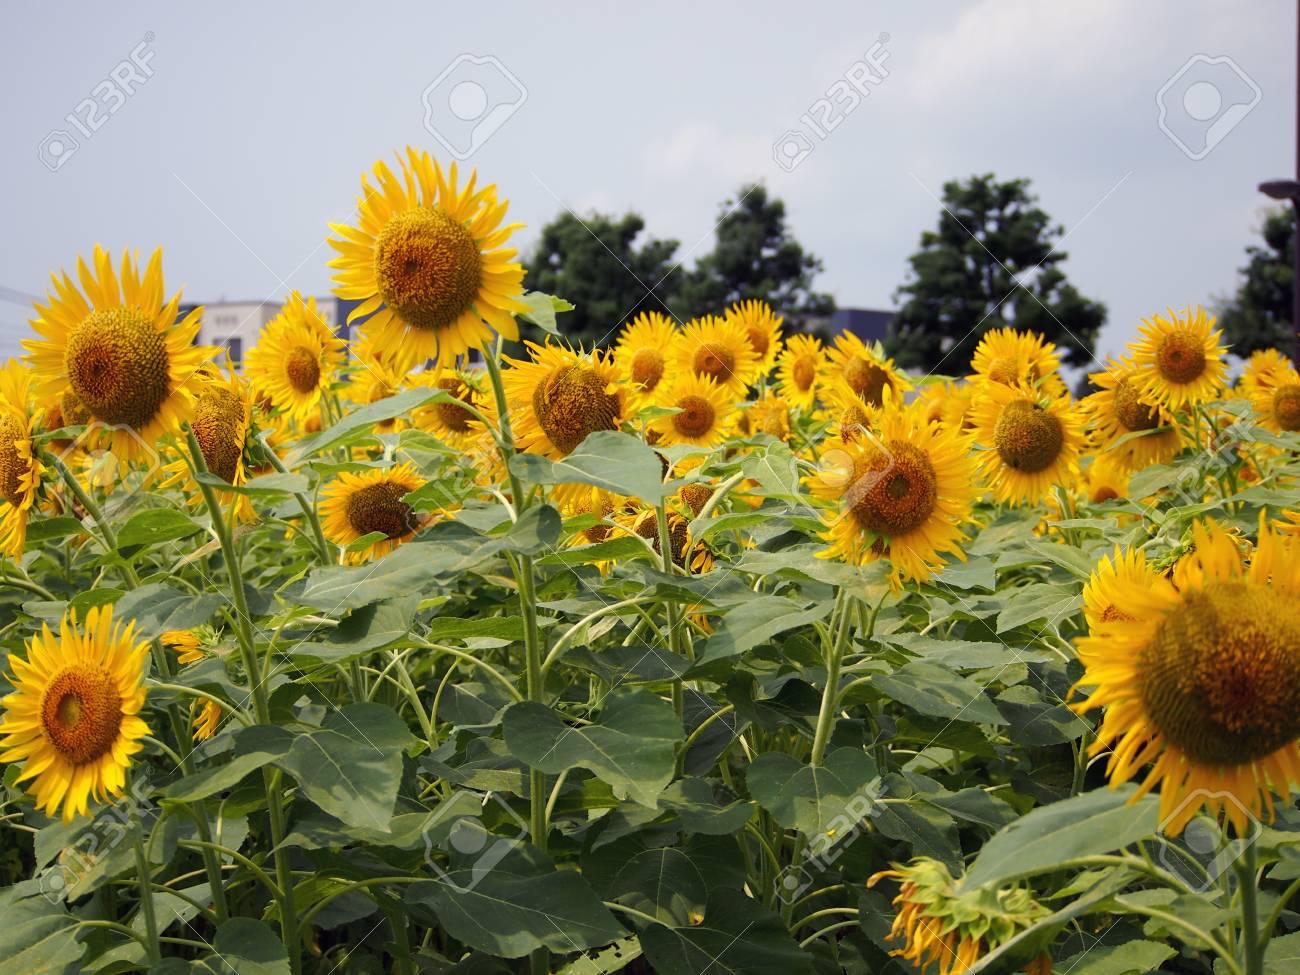 Flower of sunflower Stock Photo - 16083752